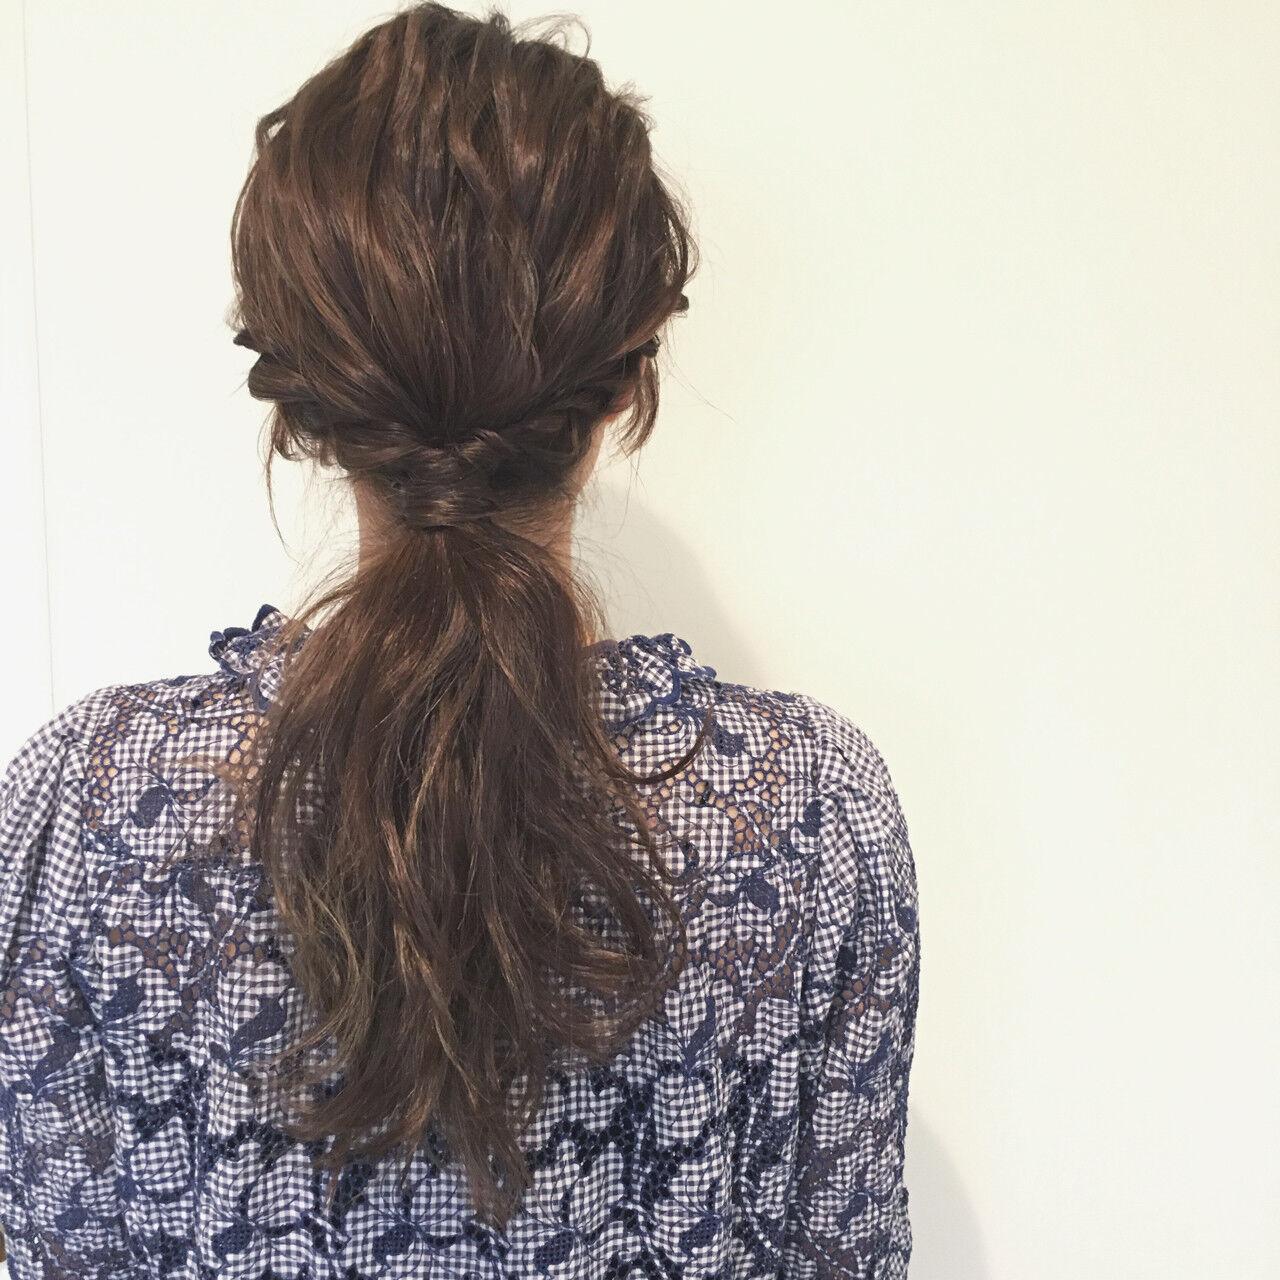 ブラウン ヘアアレンジ ゆるふわ 波ウェーブヘアスタイルや髪型の写真・画像